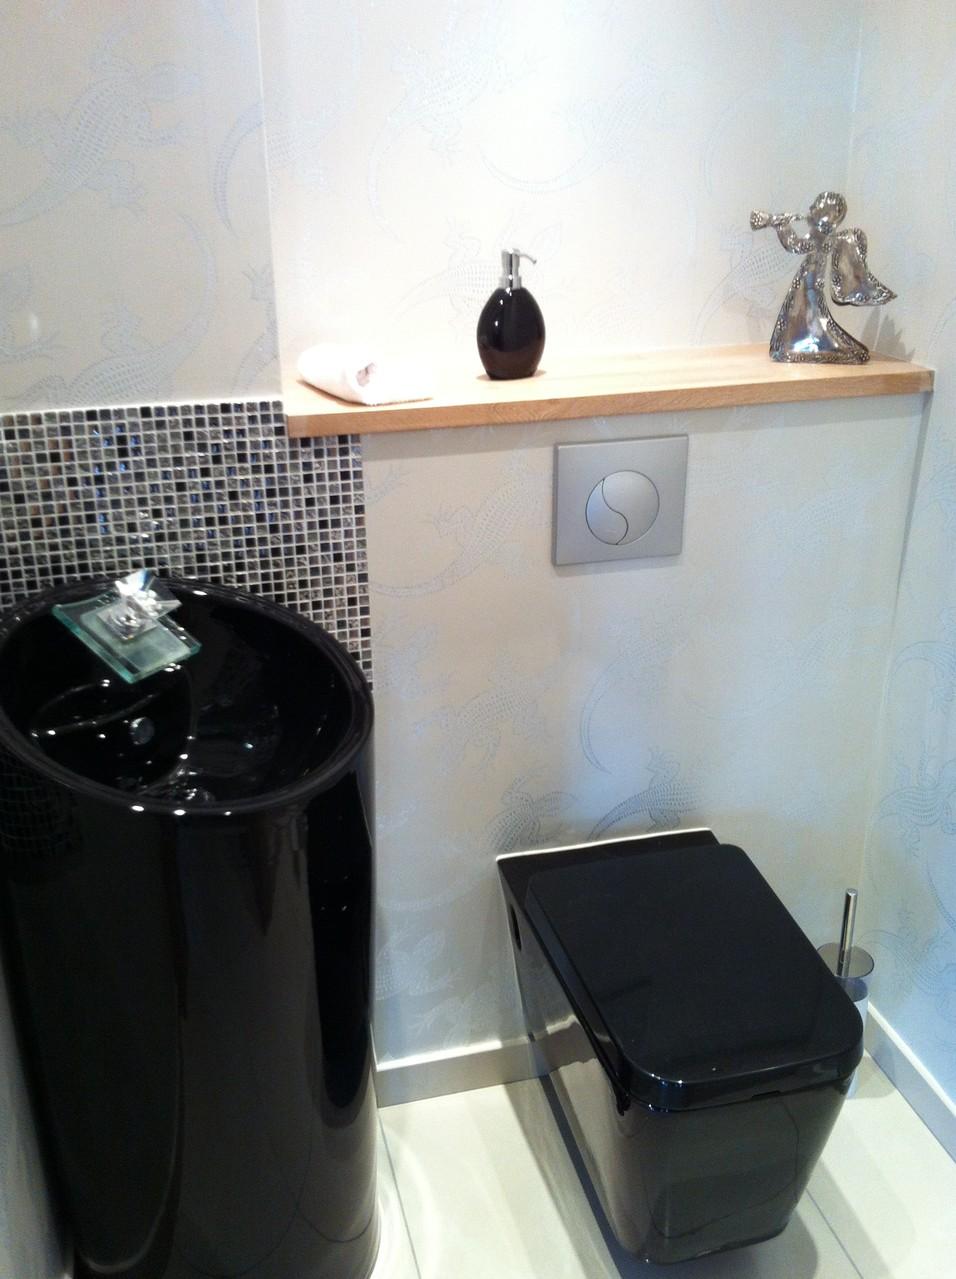 WC après, contrainte technique, le lave-mains a dû être déplacé compte tenu de sa taille...